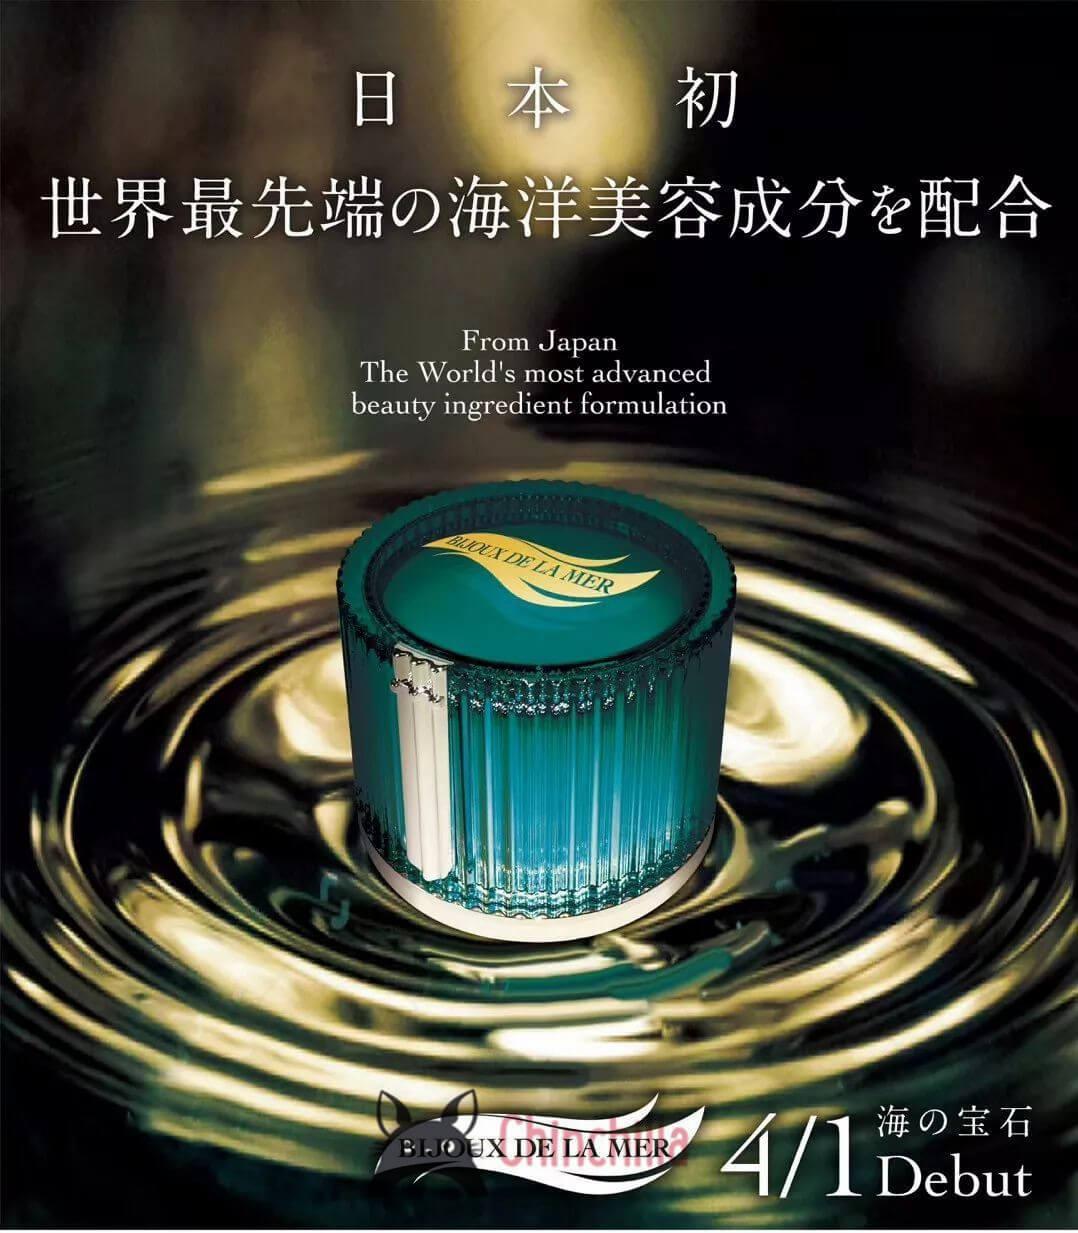 日本dds海的美宝BIJOUDEMER海洋幸福面膜 提拉紧致修复补水保湿50g